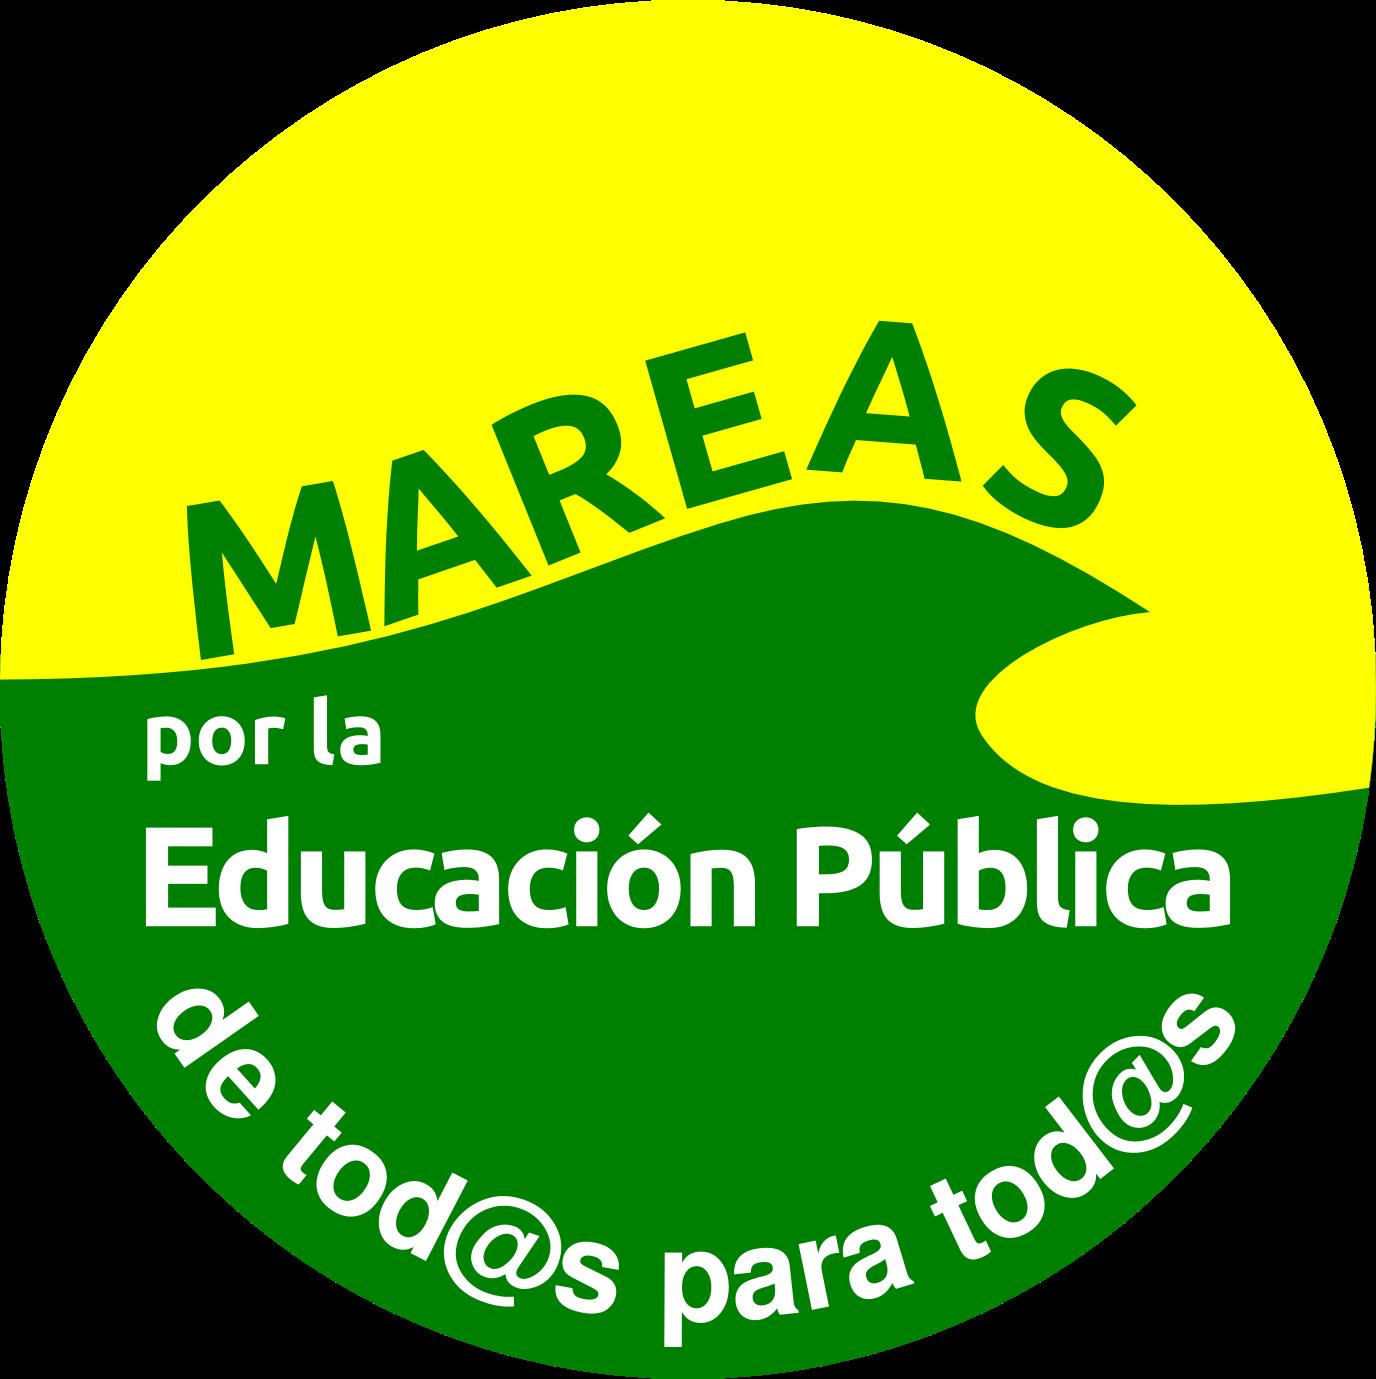 Mareas por la Educación Pública